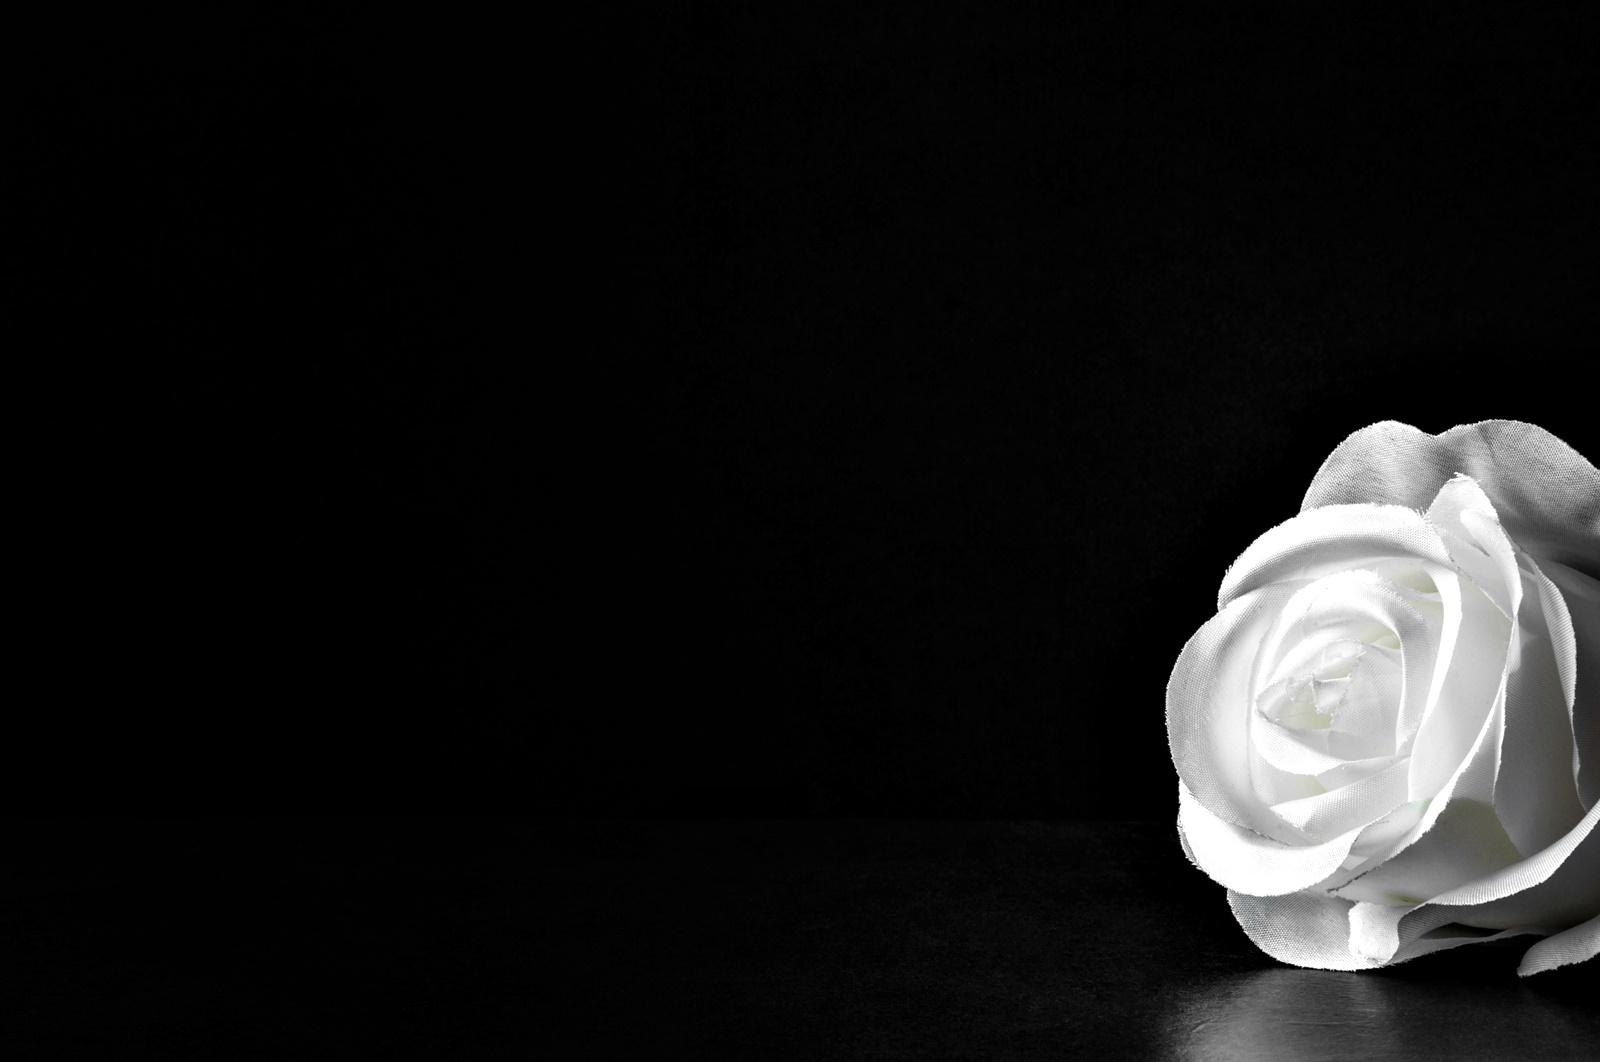 Какво е смъртта?<br /> Смъртта си е смърт, нали? Грешка. Има много различни начини да се дефинира смъртта. Мъртъв ли е човек, чийто мозък е спрял да функционира, но сърцето му продължава да бие? Ами когато белите дробове откажат, но сърцето бие и мозъкът функционира? Според д-р Джеймс Бернат традиционната дефиниция на смърт трябва да включва тези три елемента: липса на кръвообращение, липса на респираторна дейност и липса на технологии, които да поддържат живота. Но въпреки това въпросът си остава спорен за науката и обществото.